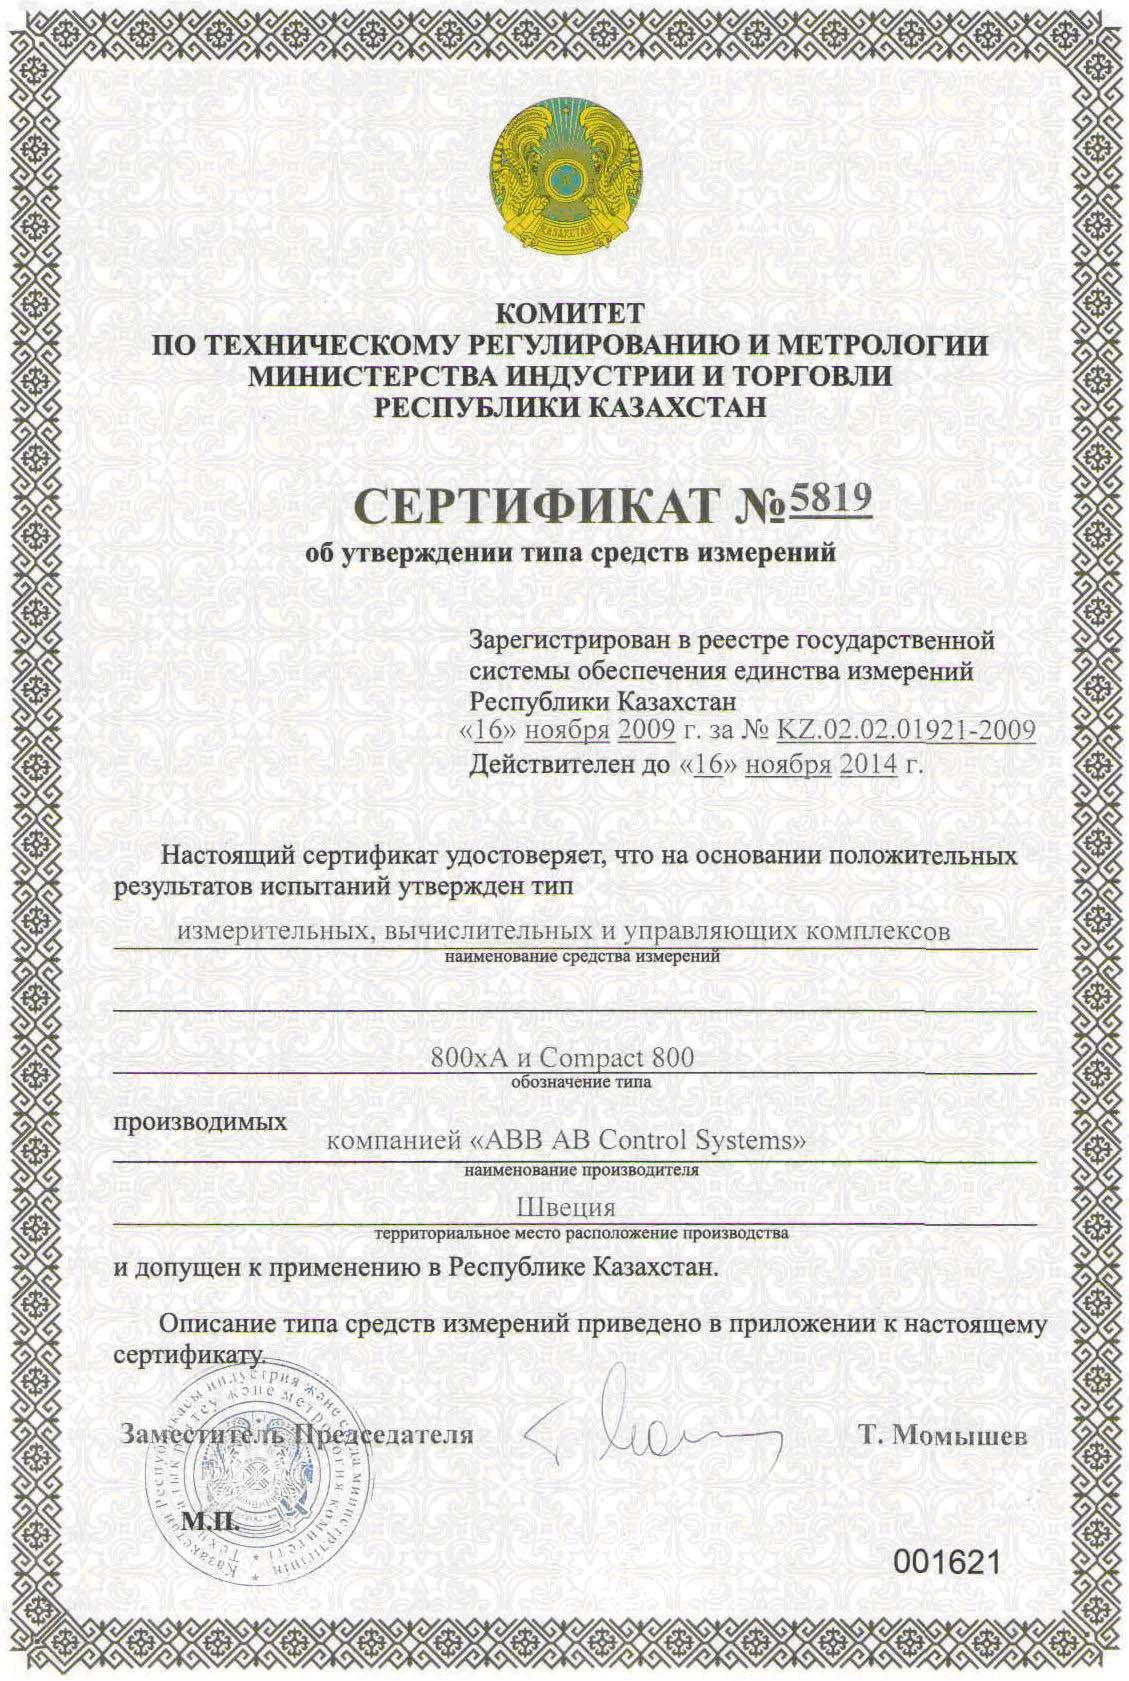 哈萨克斯坦计量证书,哈萨克斯坦计量证书,计量证书,计量许可证